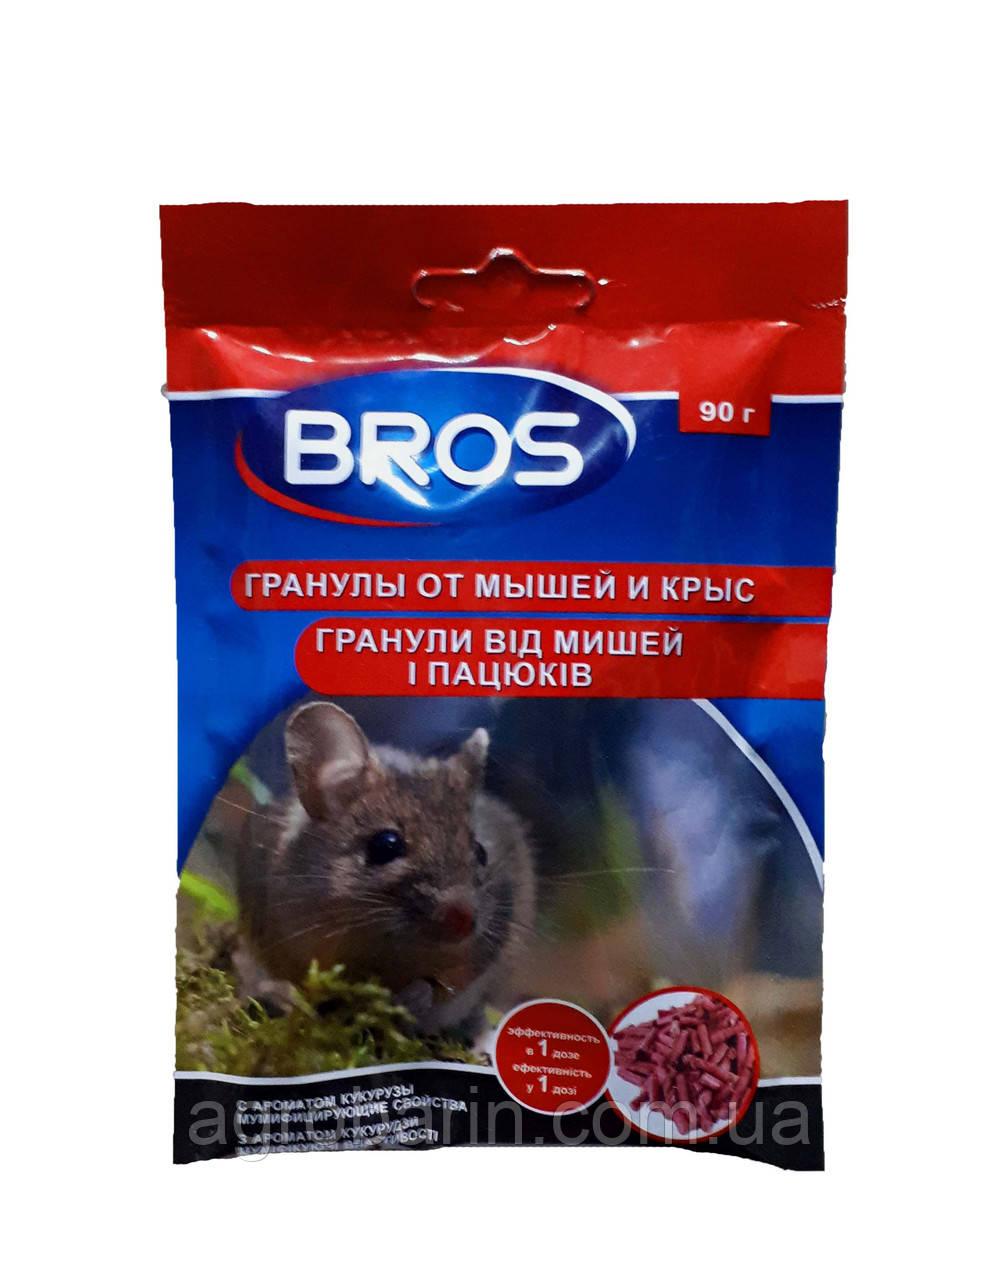 BROS (Брос) гранулы 90г от крыс и мышей, оригинал.